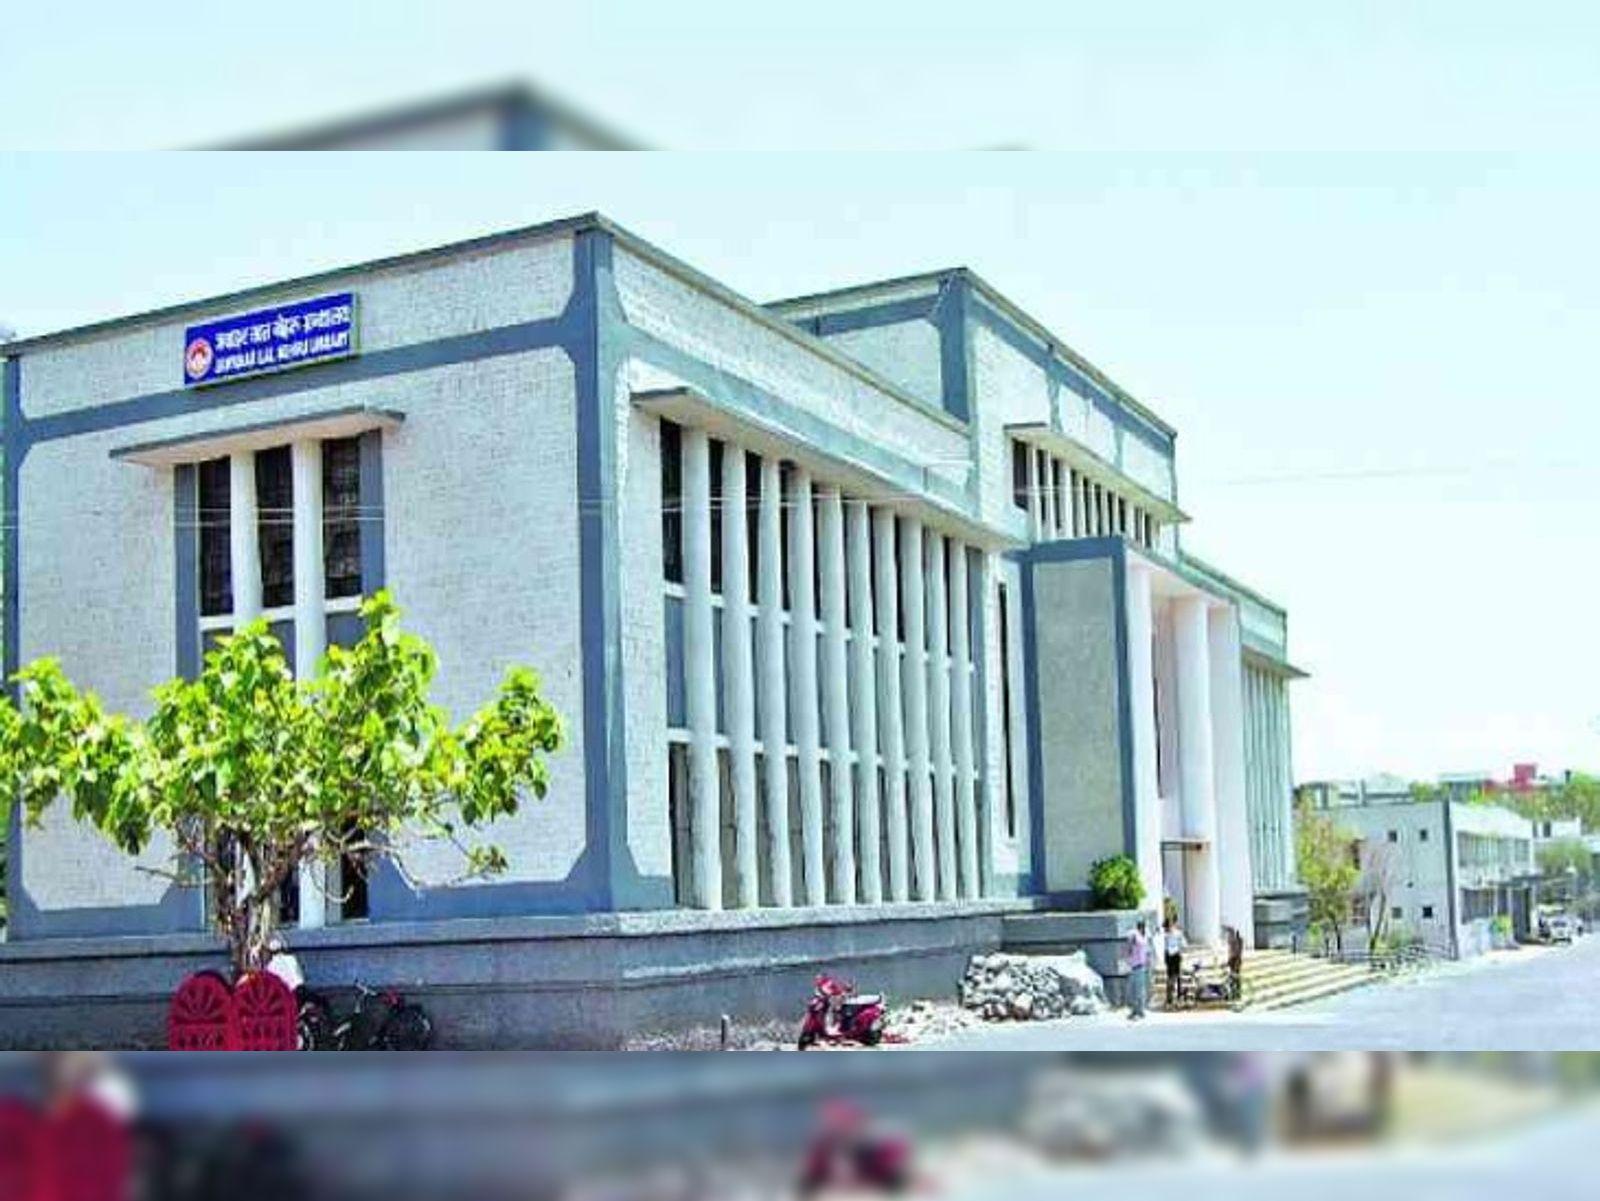 हाईटेक हुई सागर विश्वविद्यालय की मार्कशीट- अंकसूची के फर्जीवाड़े को रोकने के लिए शुरू हुआ तकनीक का इस्तेमाल। - Dainik Bhaskar